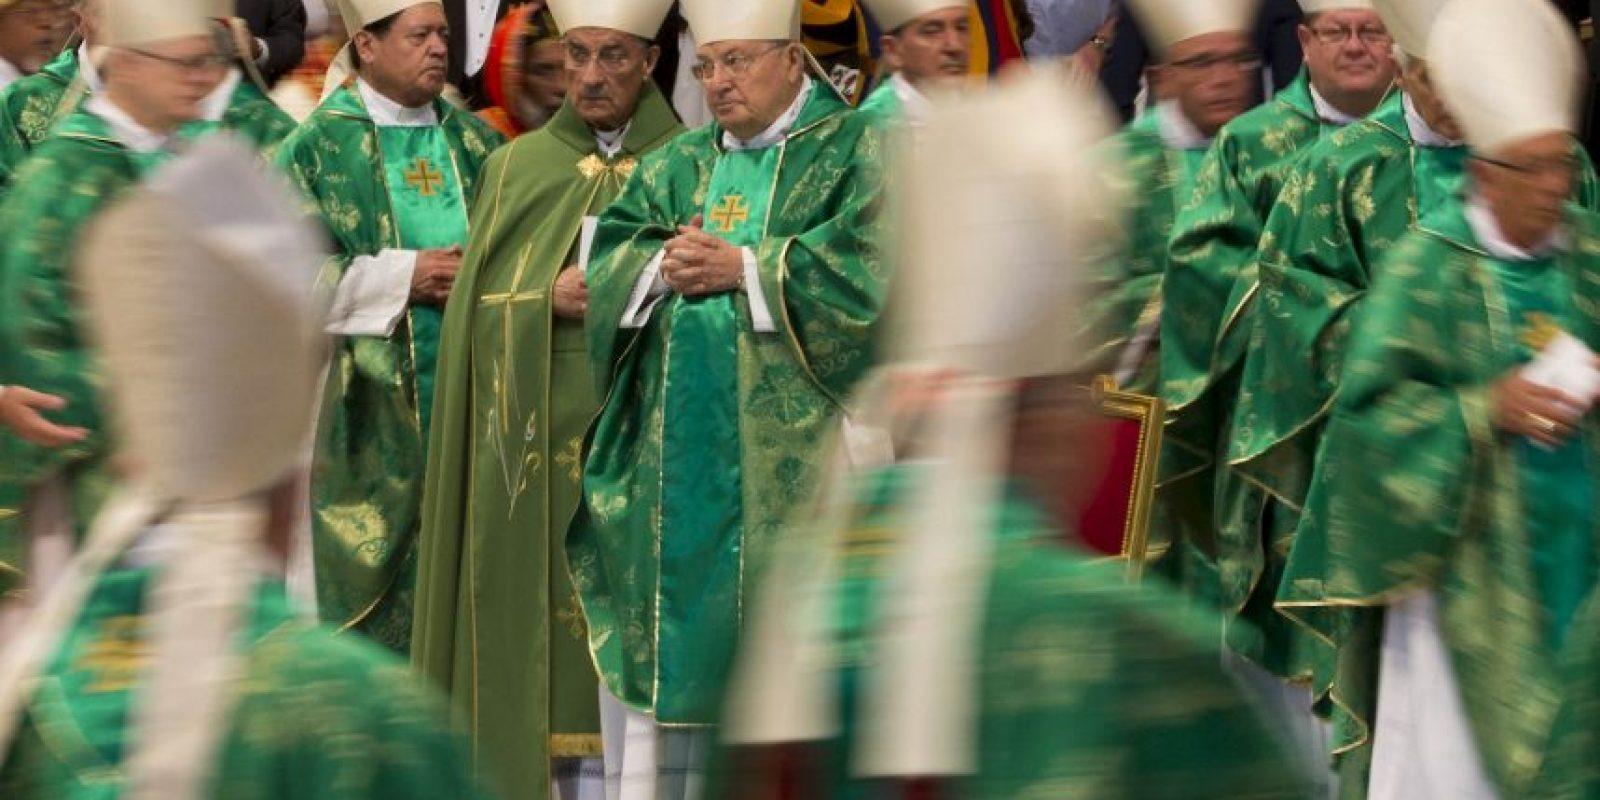 Este será el tema principal de las discusiones entre los obispos, cardenales, arzobispos, patriarcas, párrocos y distintos religiosos. Foto:AP